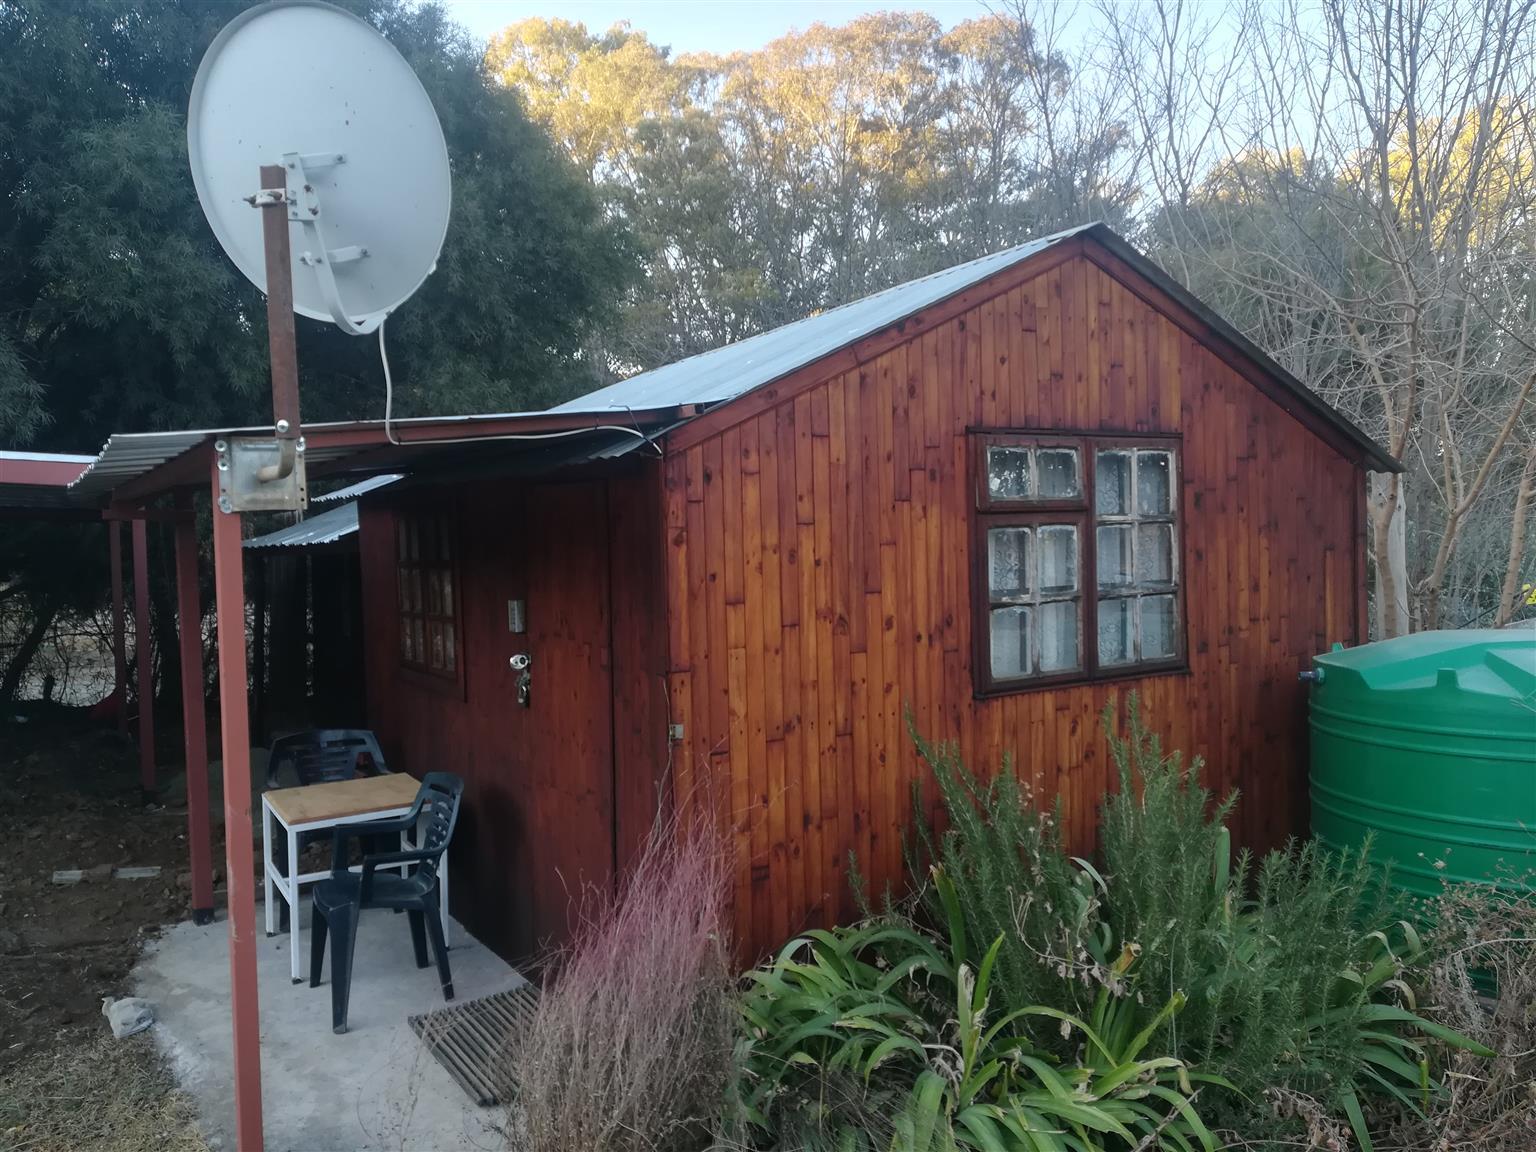 Big wooden house +2 bedroom wendy